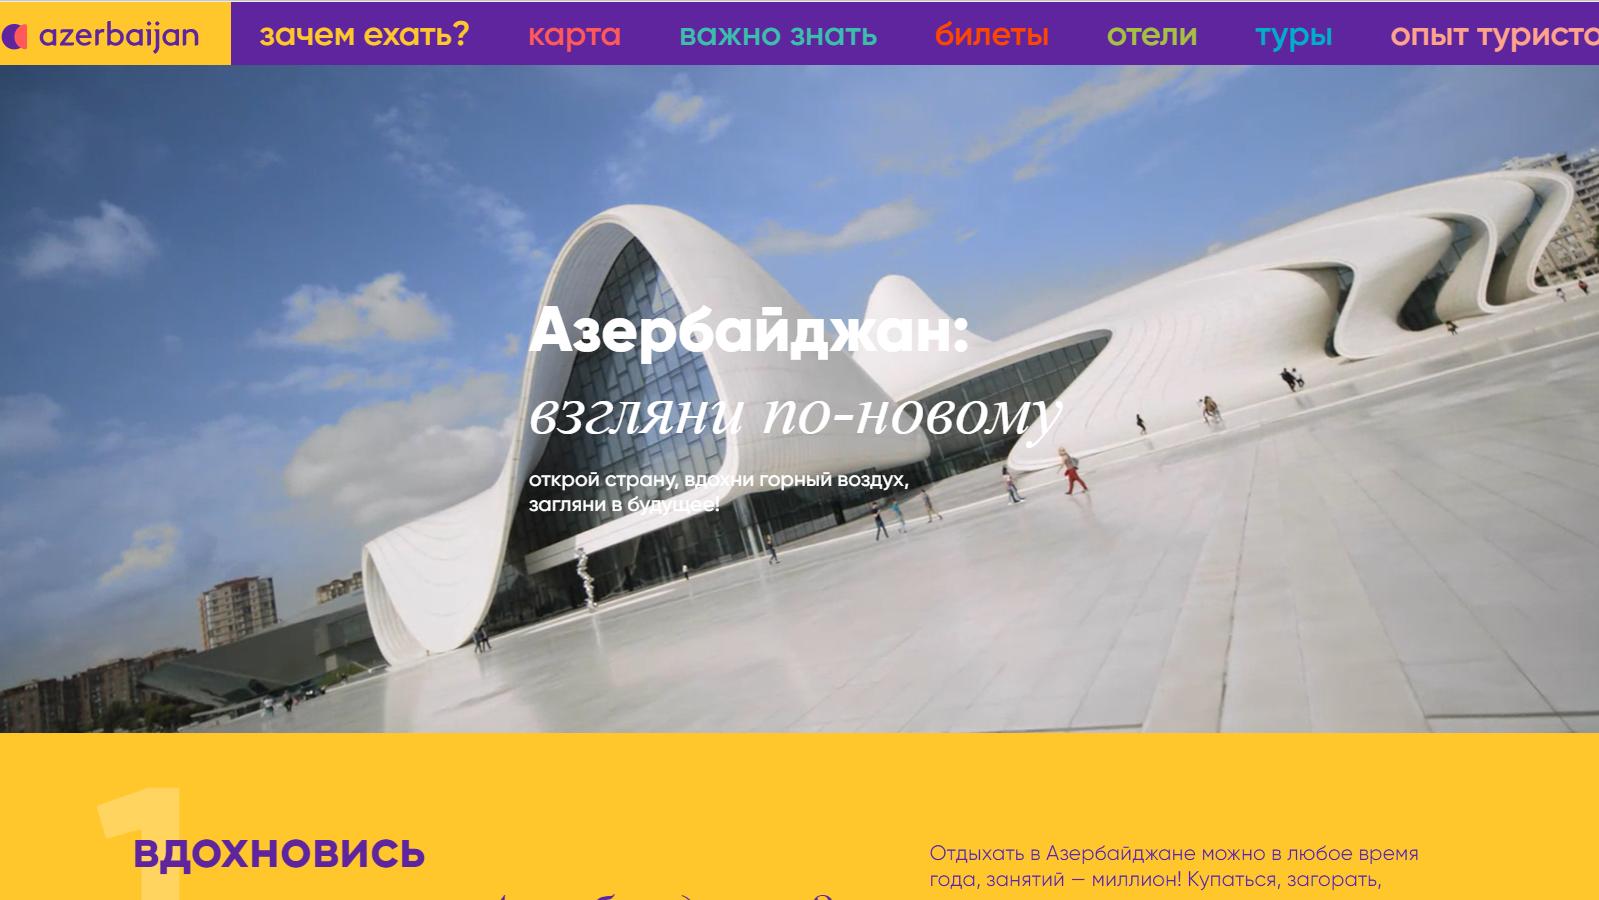 Rusiyada Azərbaycanın turizm potensialının təbliğatı genişləndirilir